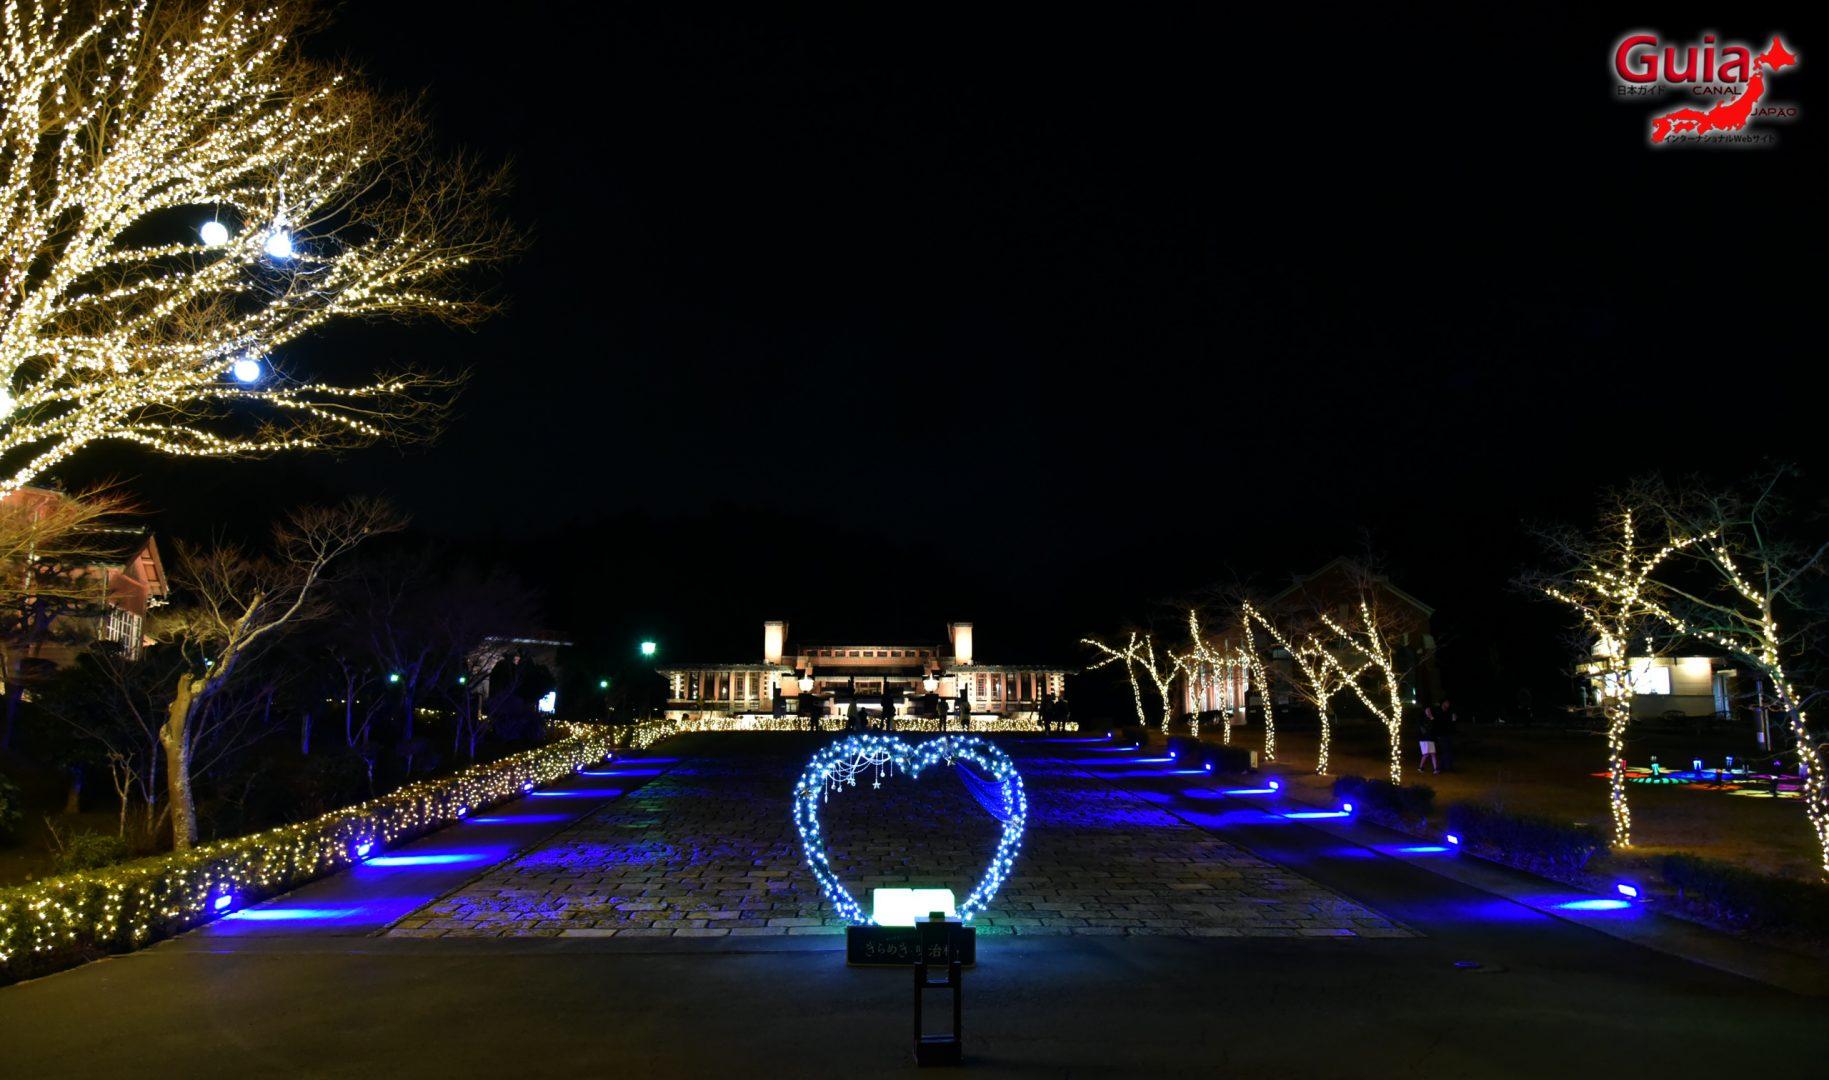 Мэйжи-Мура музей - Баярын гэрэлтүүлэг 23